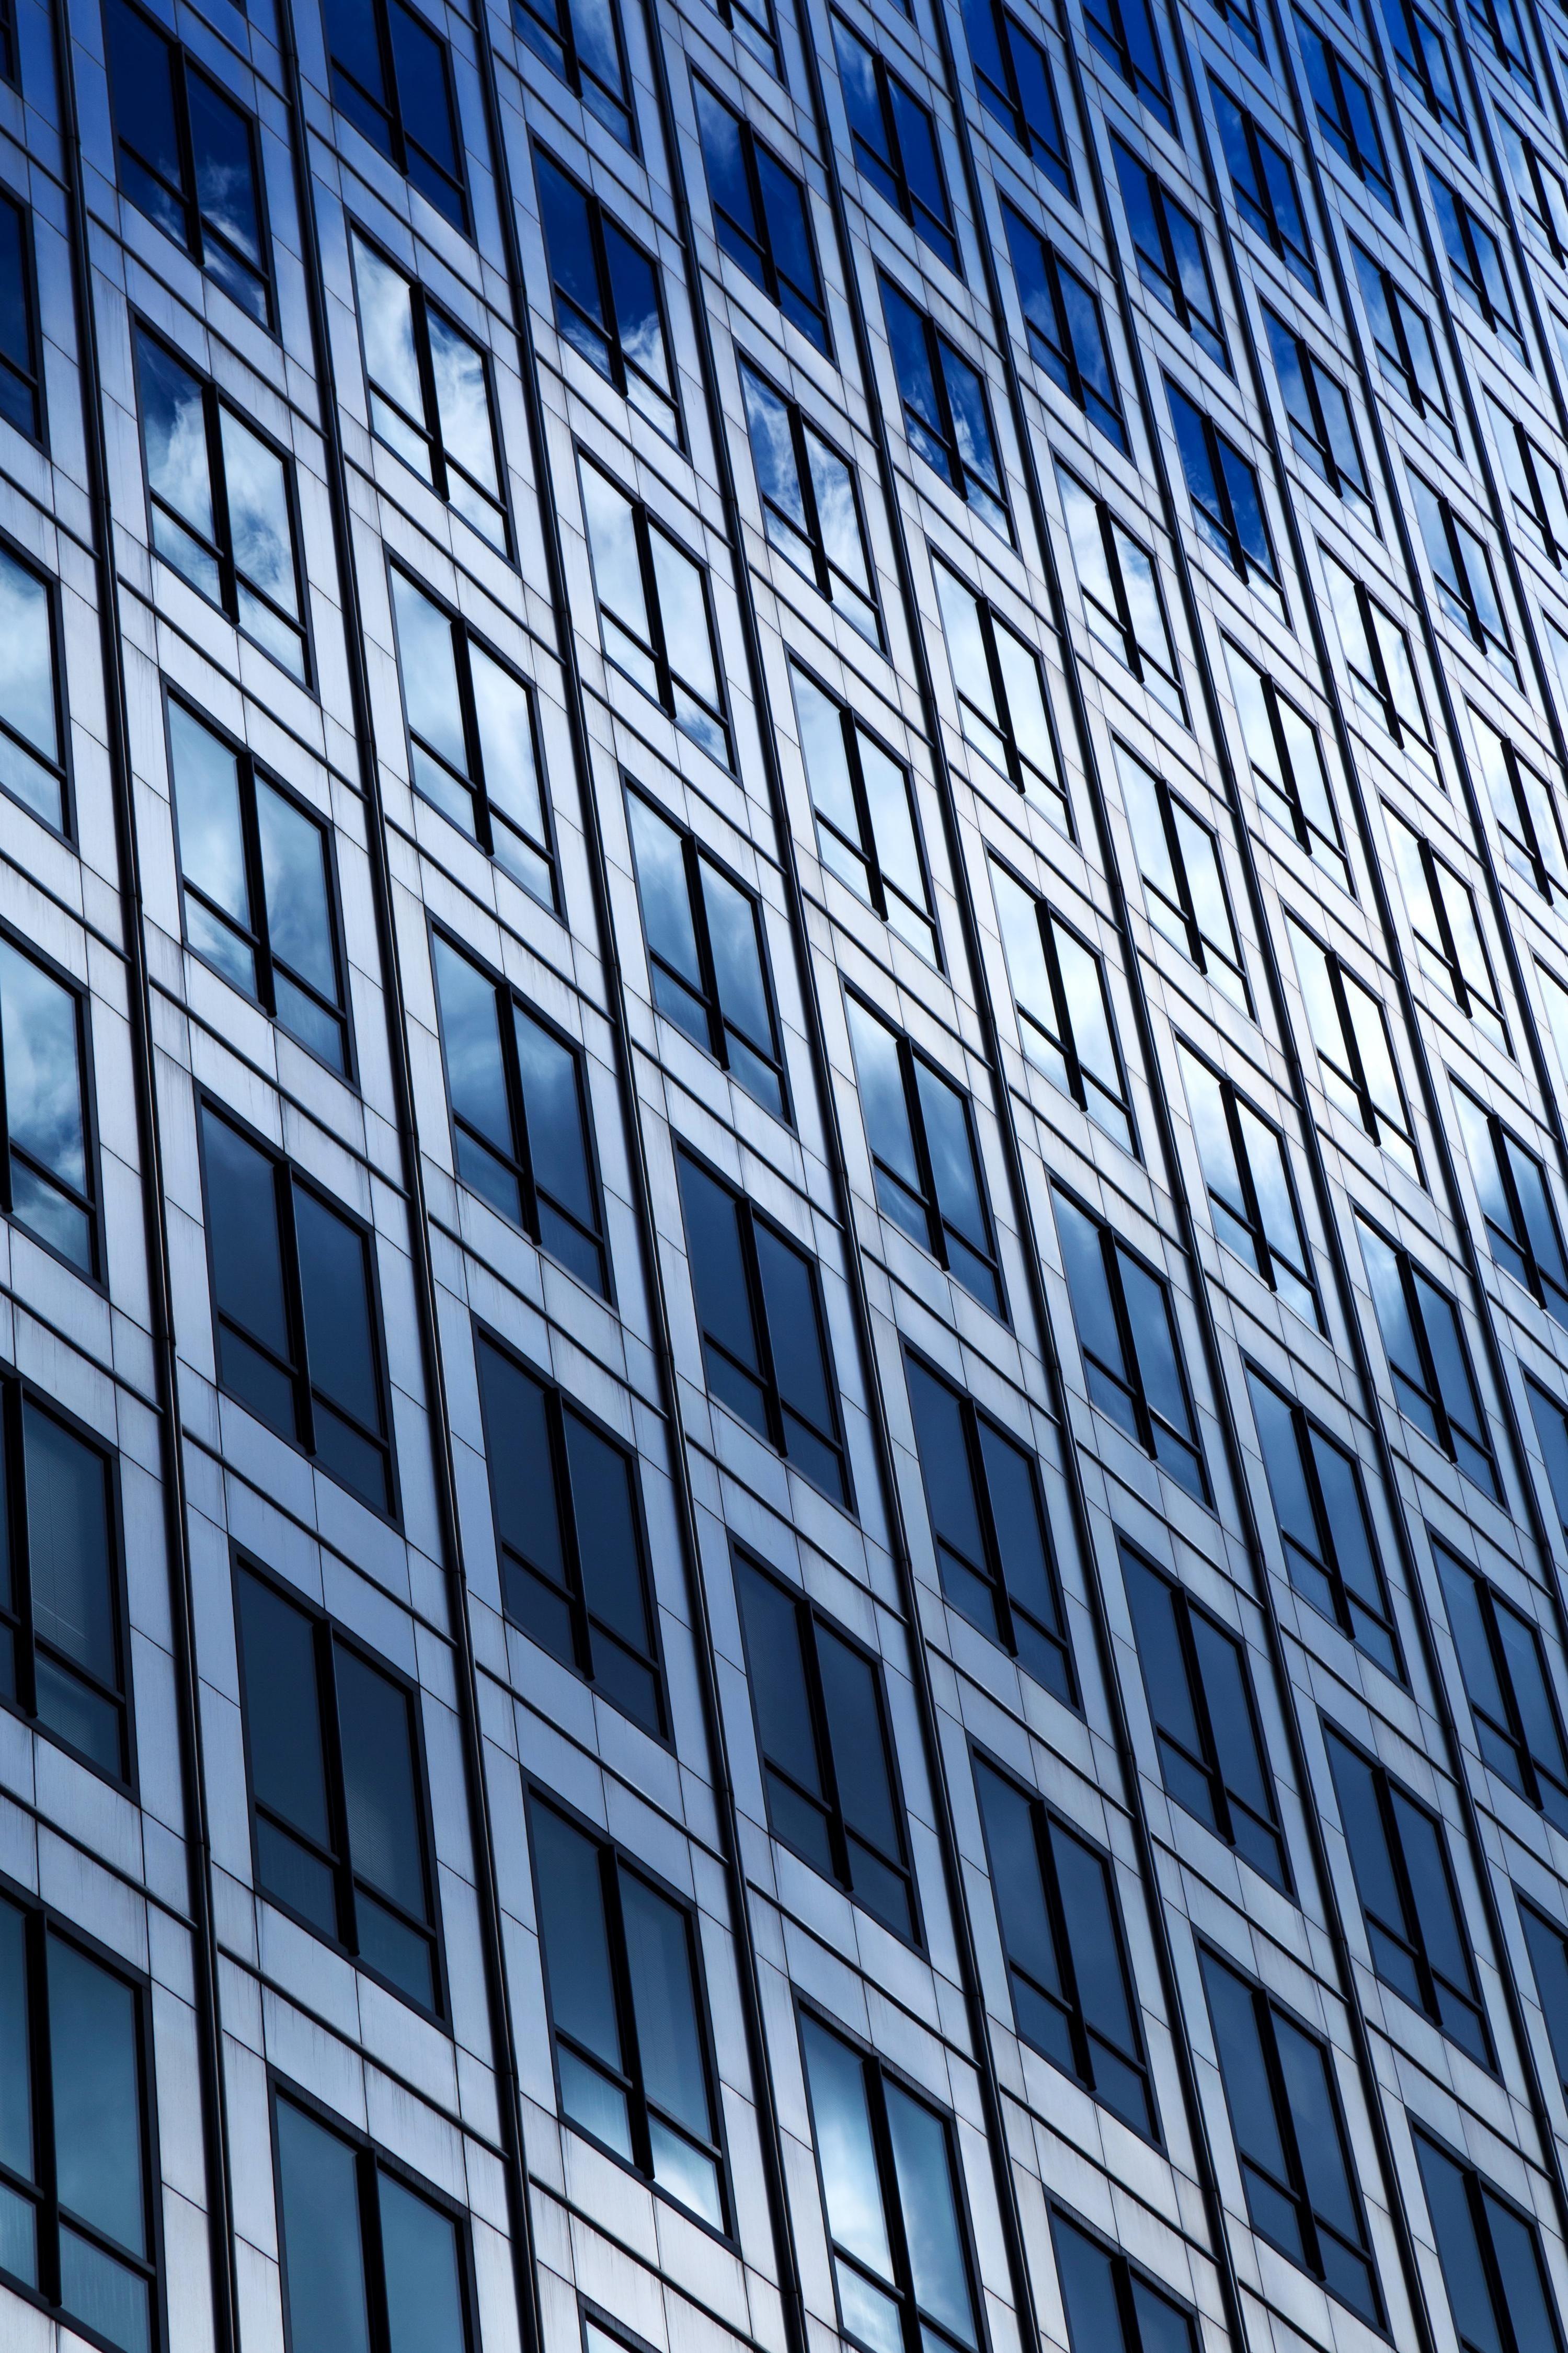 Image libre motif g om trique design texture moderne for Architecture geometrique